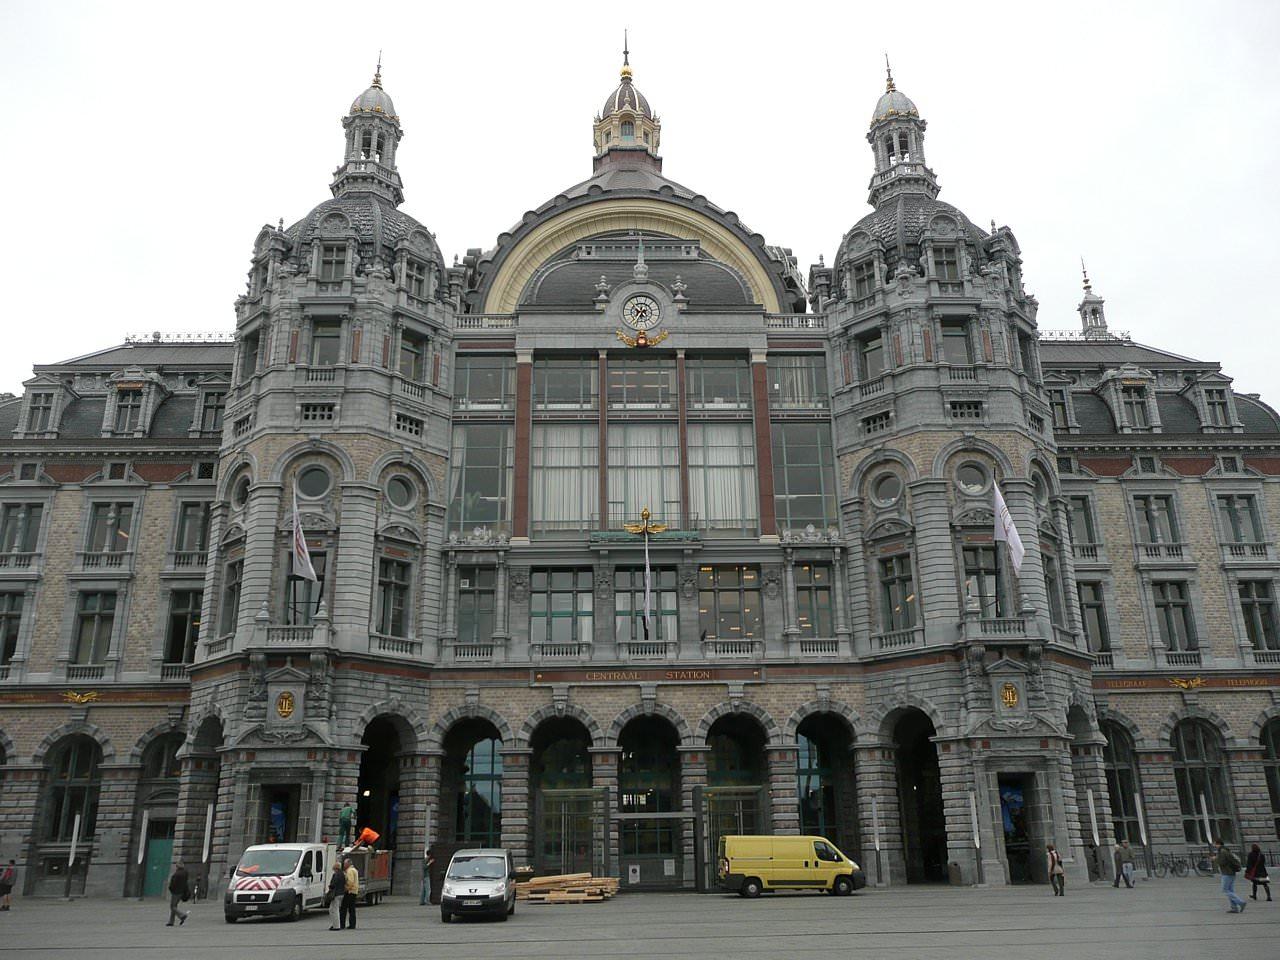 Antwerpen Pictures | Photo Gallery of Antwerpen - High ...